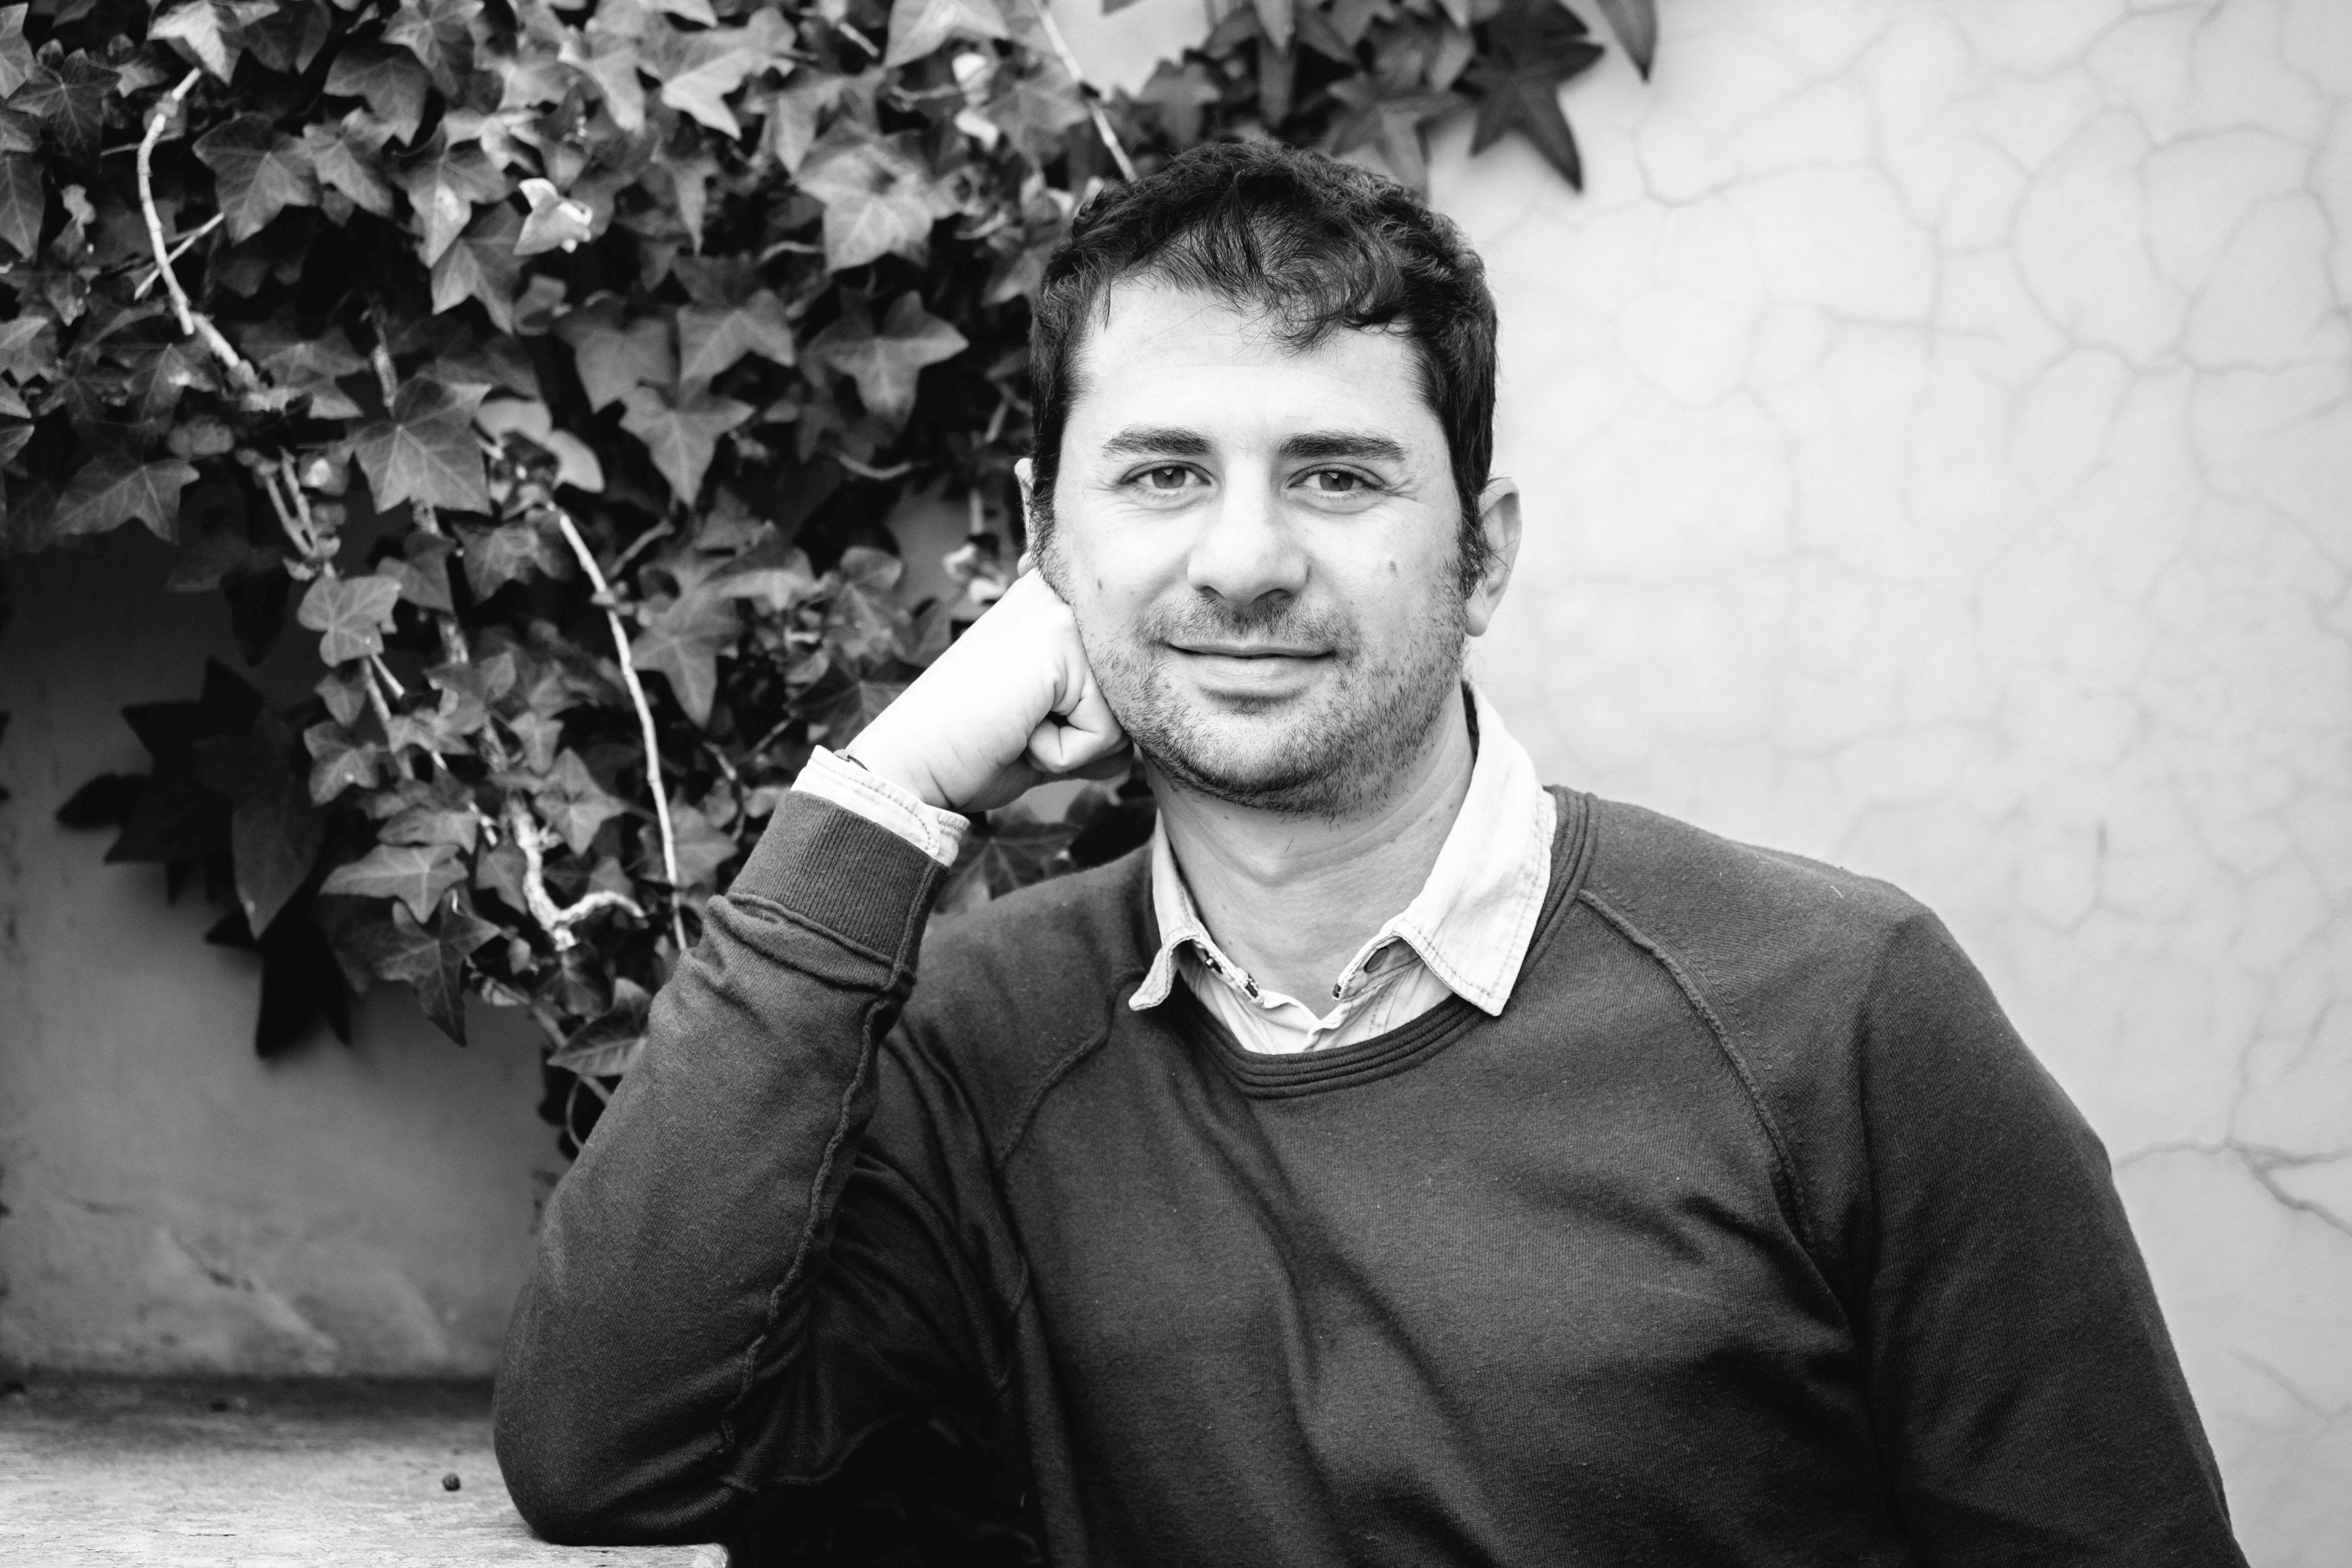 10 febbraio – Parole di Amal (speranza) e racconti di Alì: incontro con Giuseppe Catozzella